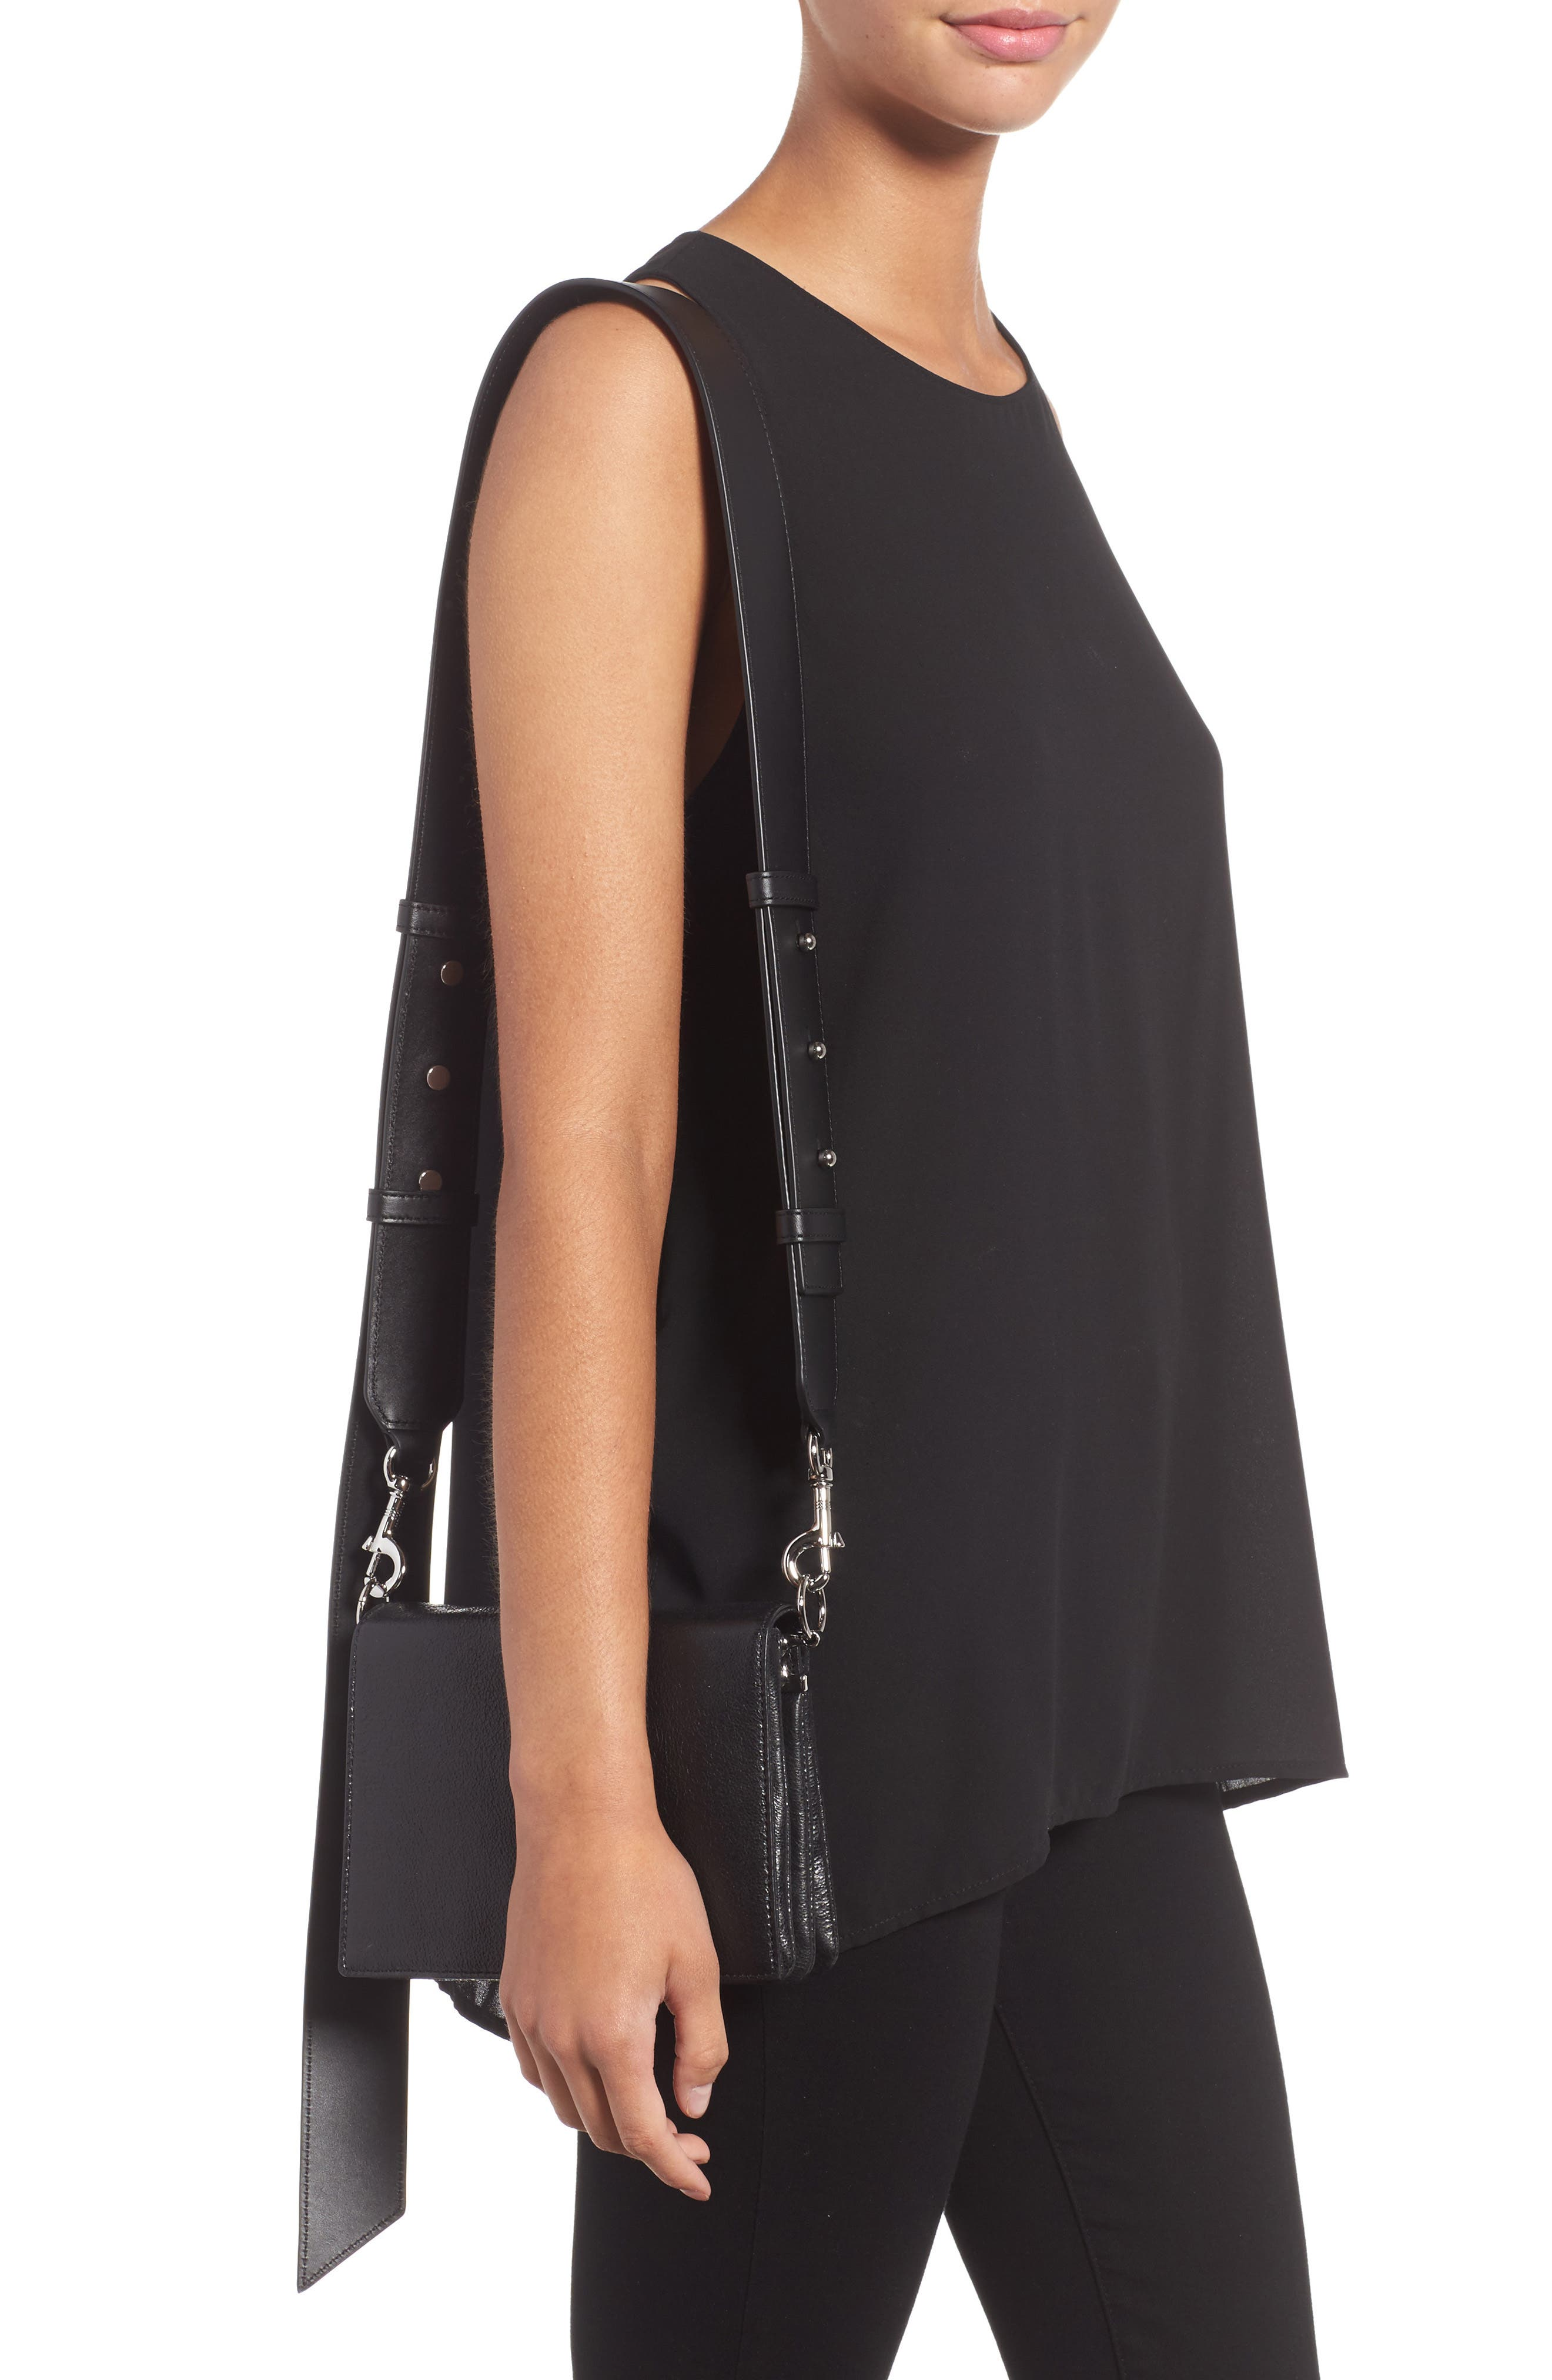 Zep Leather Shoulder Bag,                             Alternate thumbnail 2, color,                             001